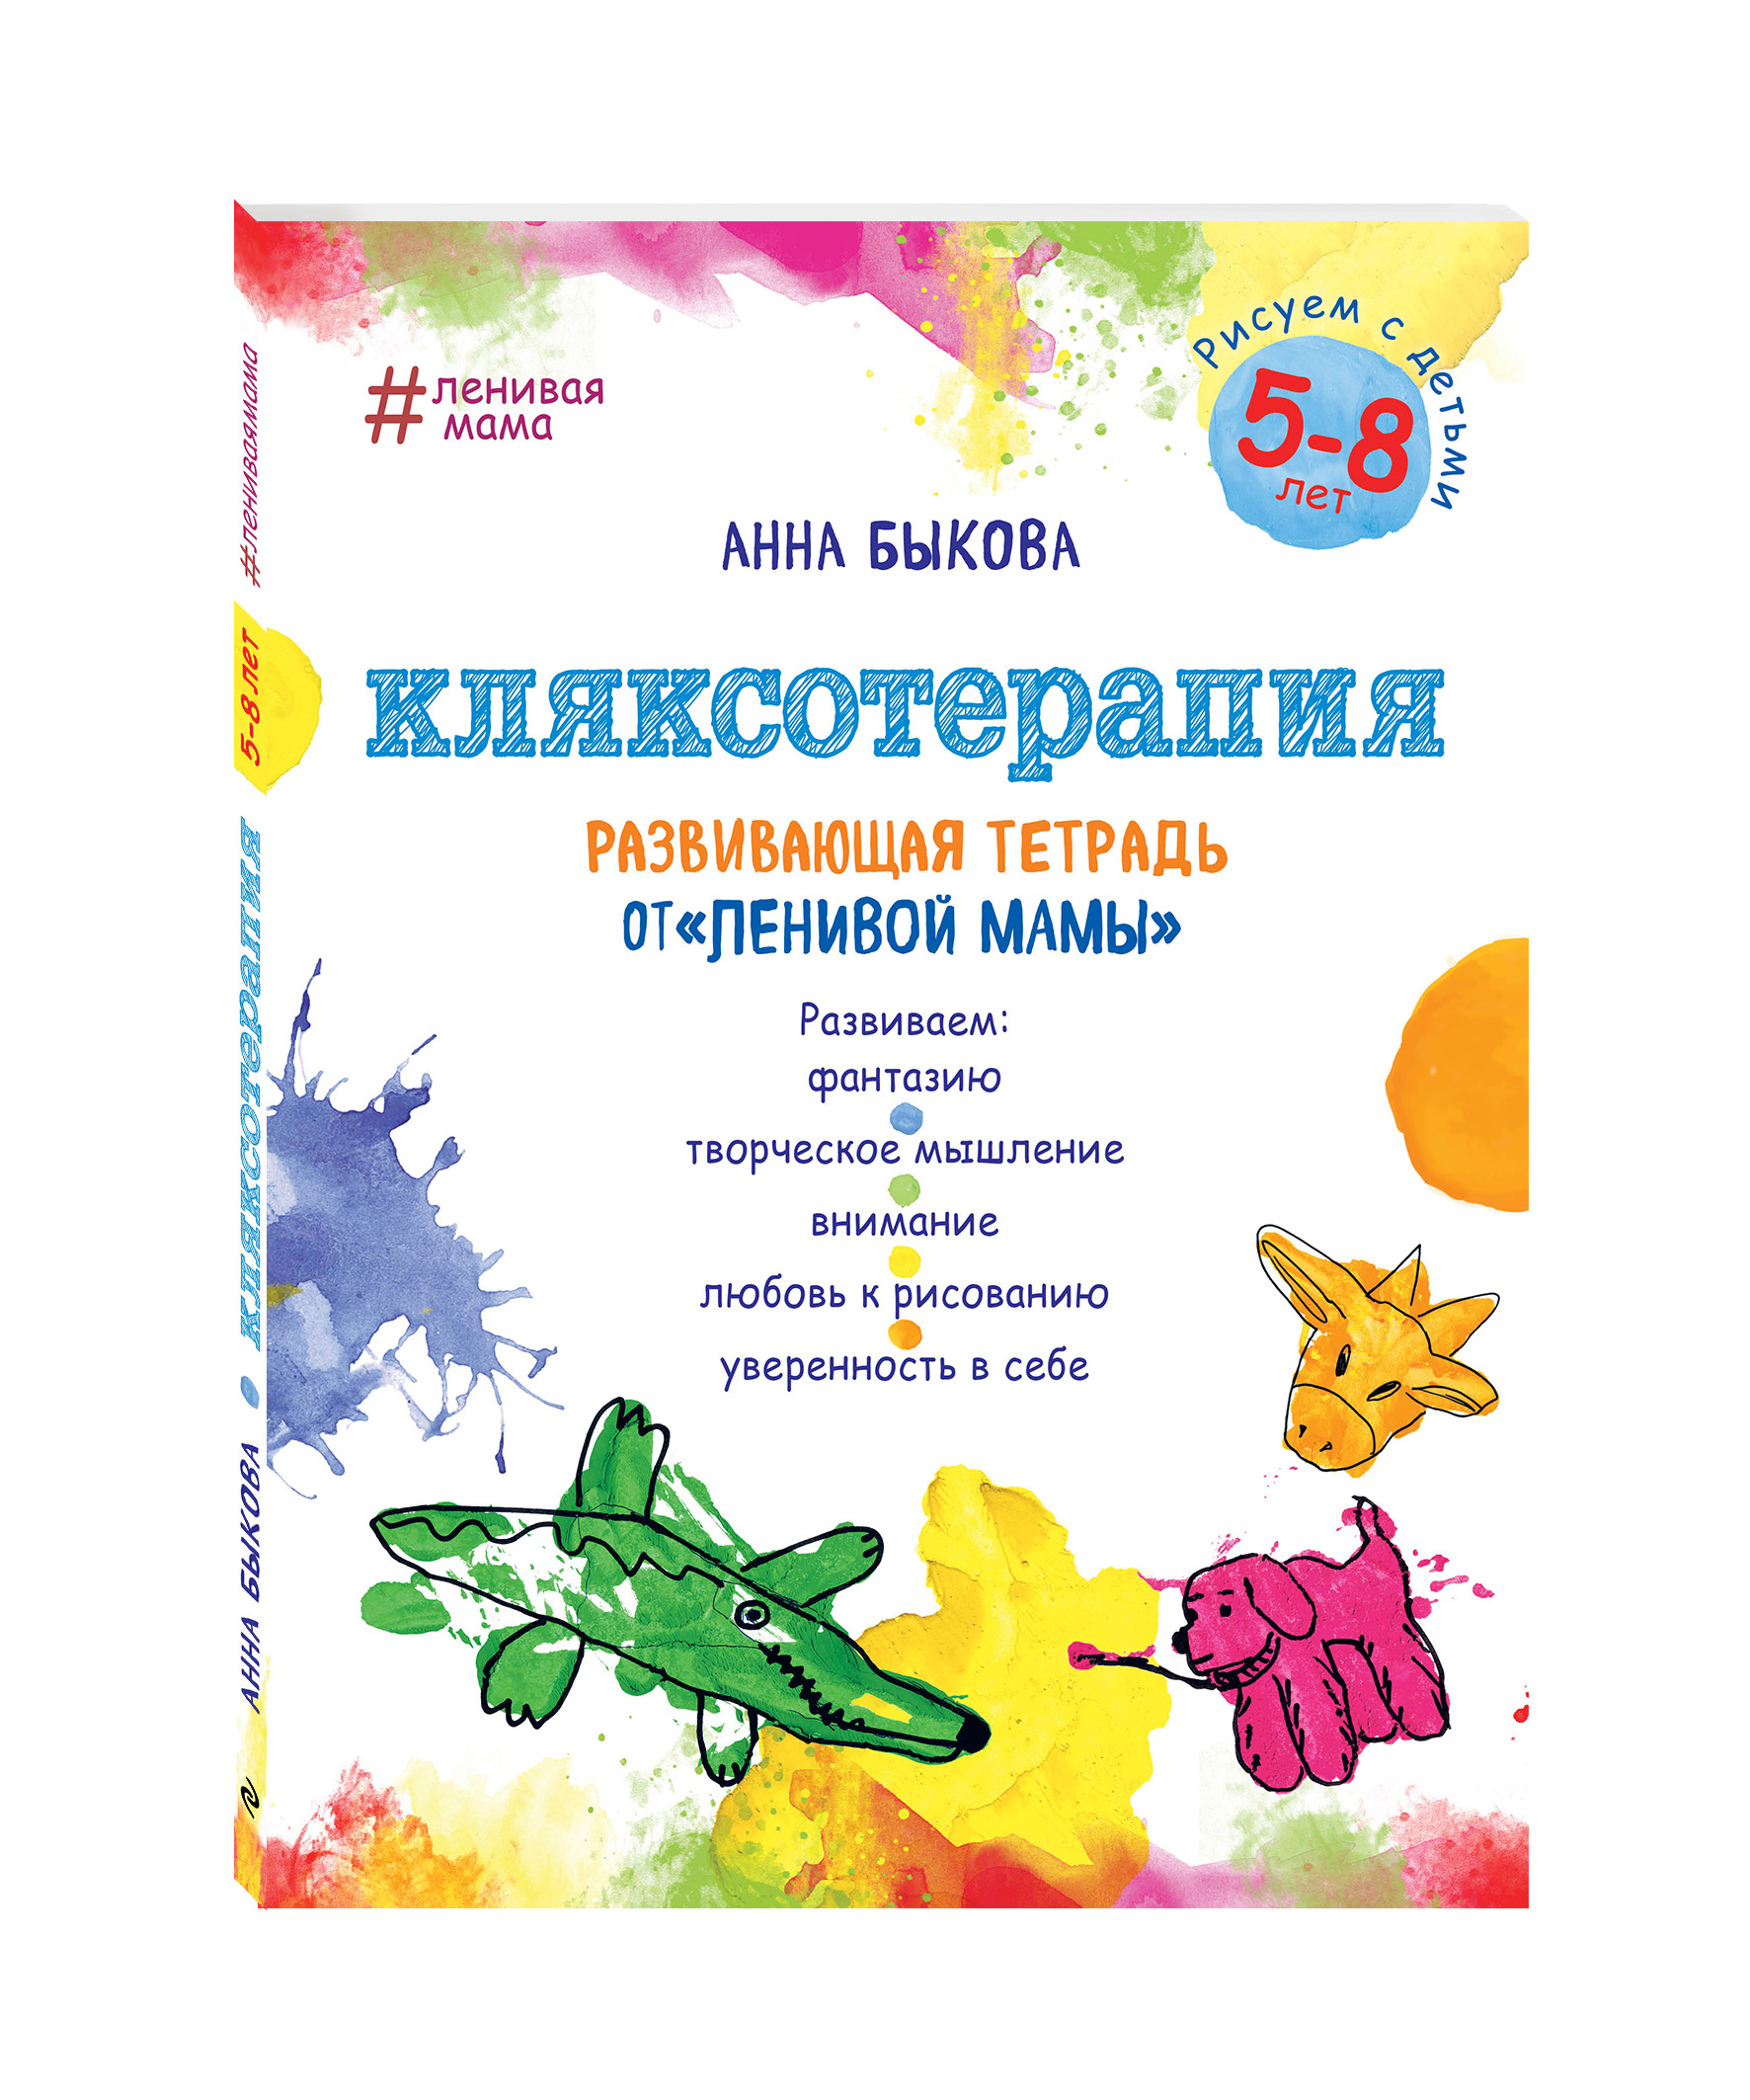 Быкова А.А. Кляксотерапия. Рисуем с детьми 5-8 лет, развивающая тетрадь от ленивой мамы